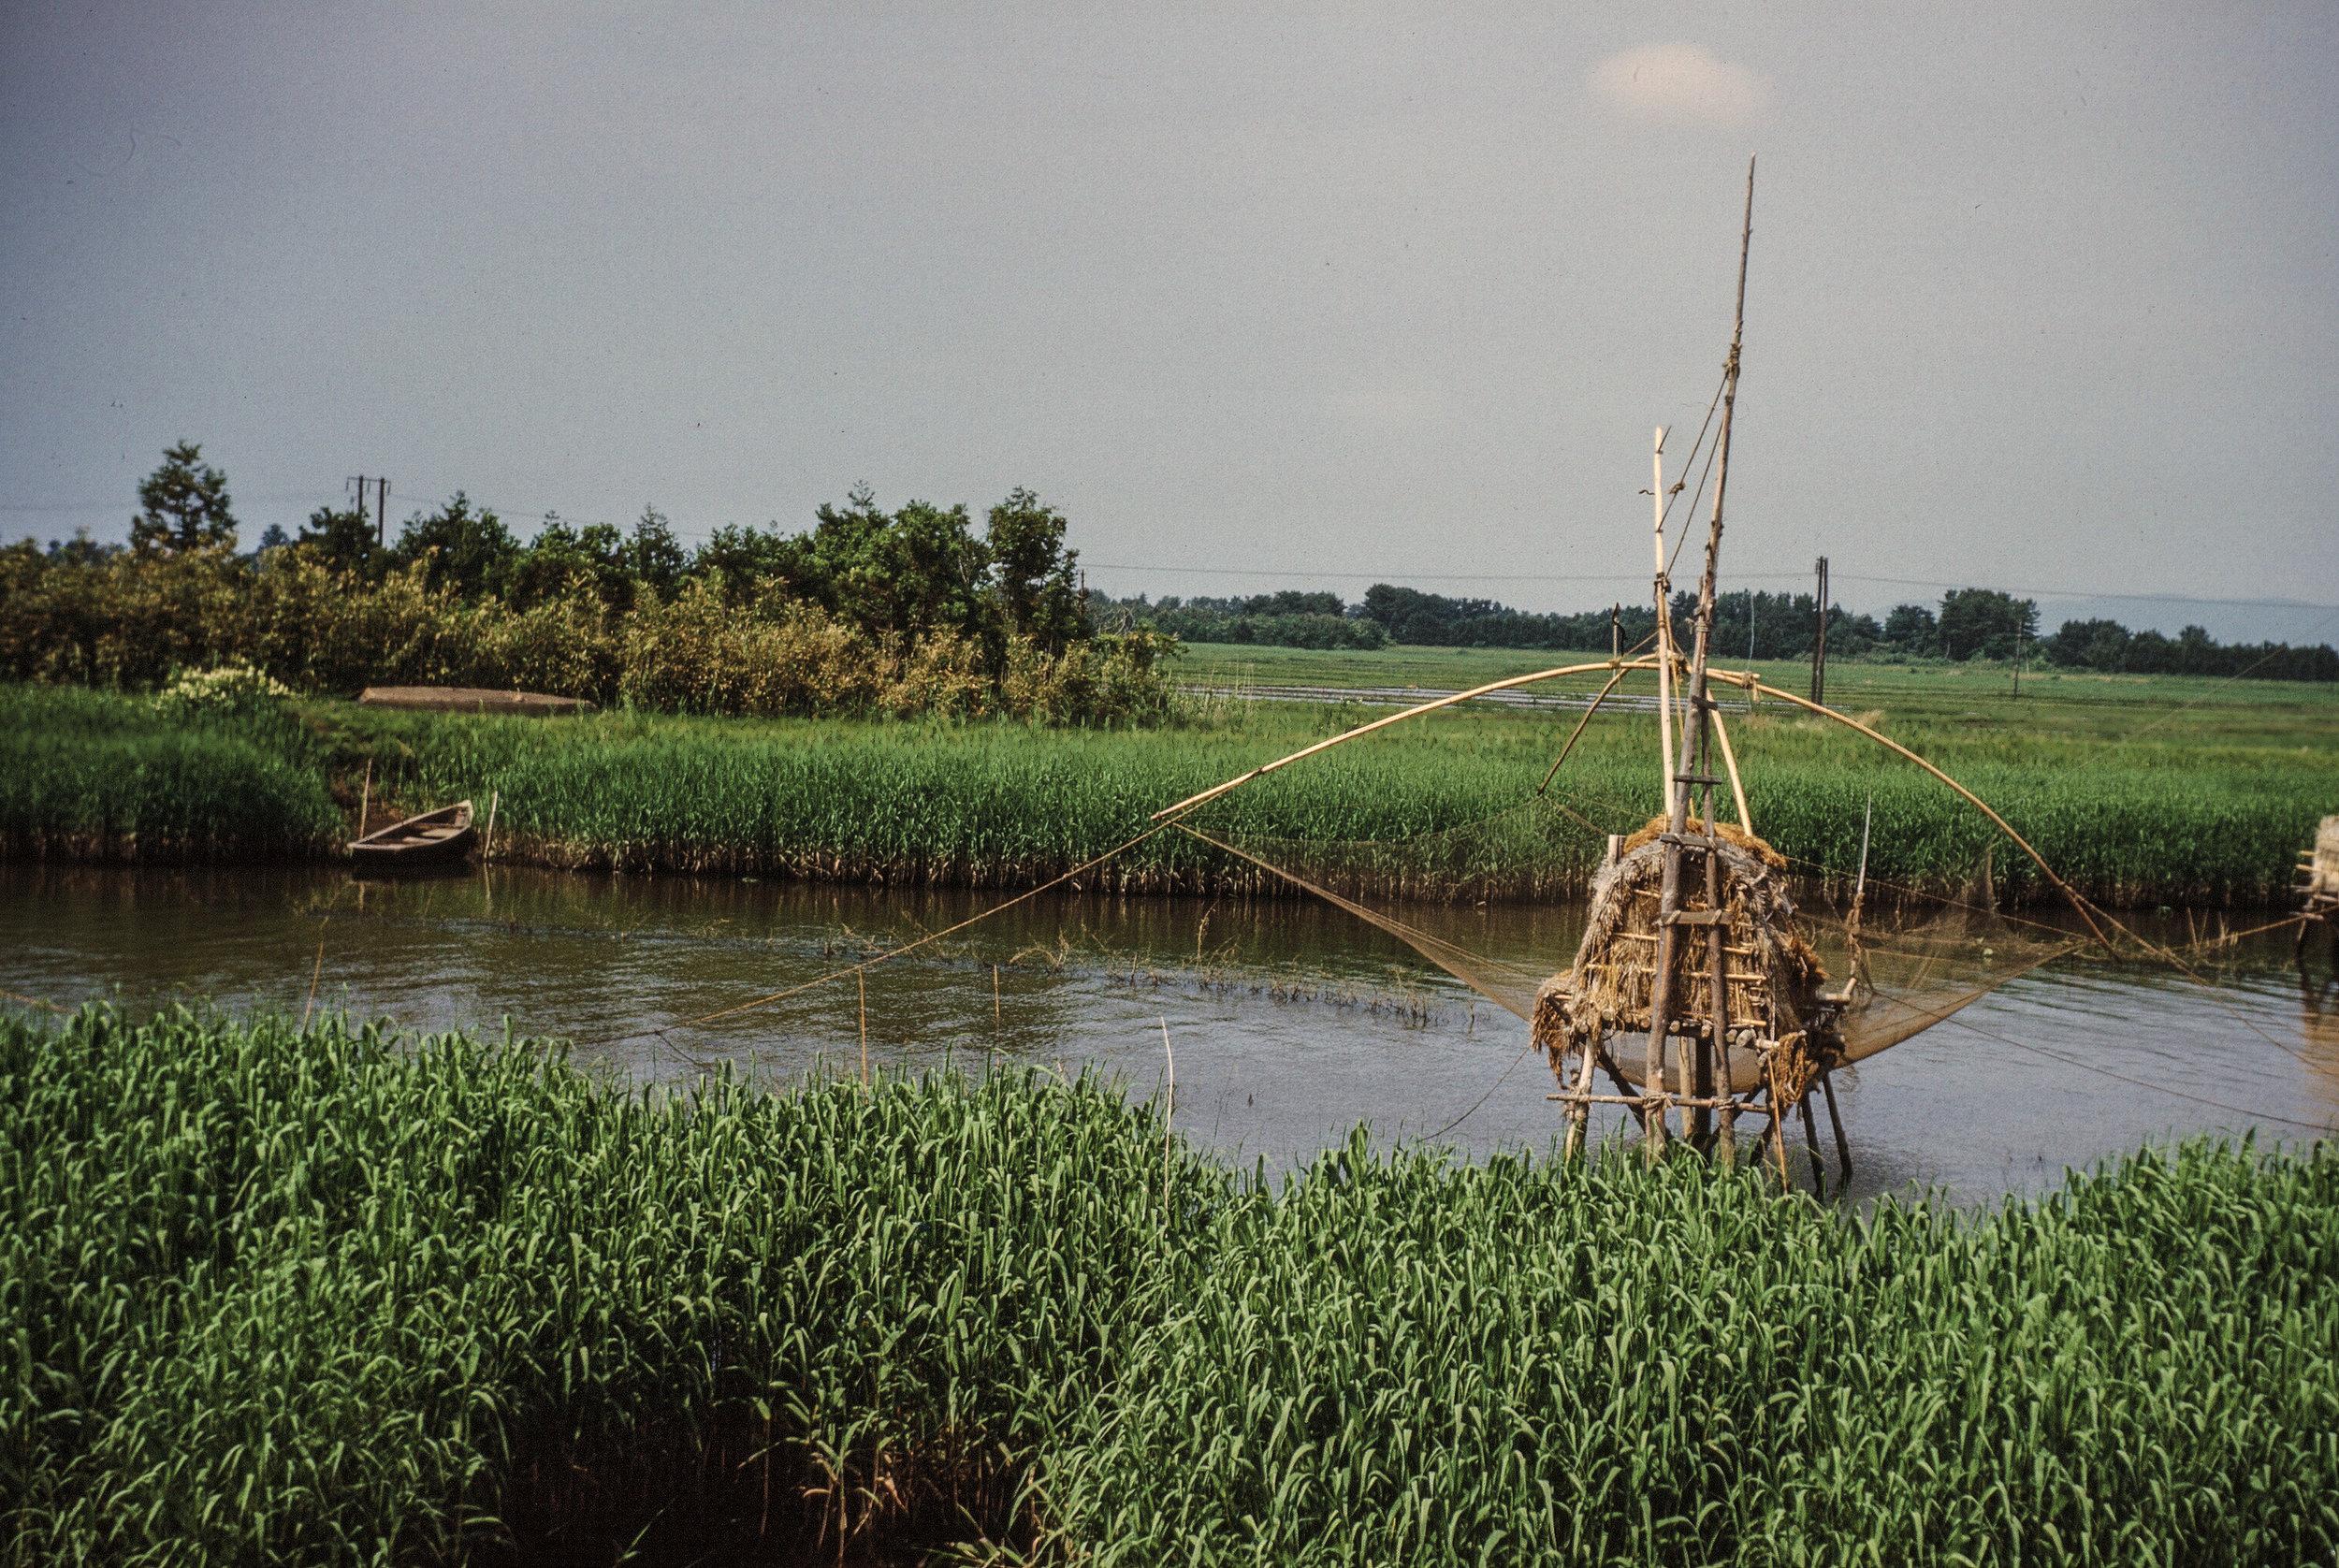 51-Omagari-KIticama Canal04.jpg